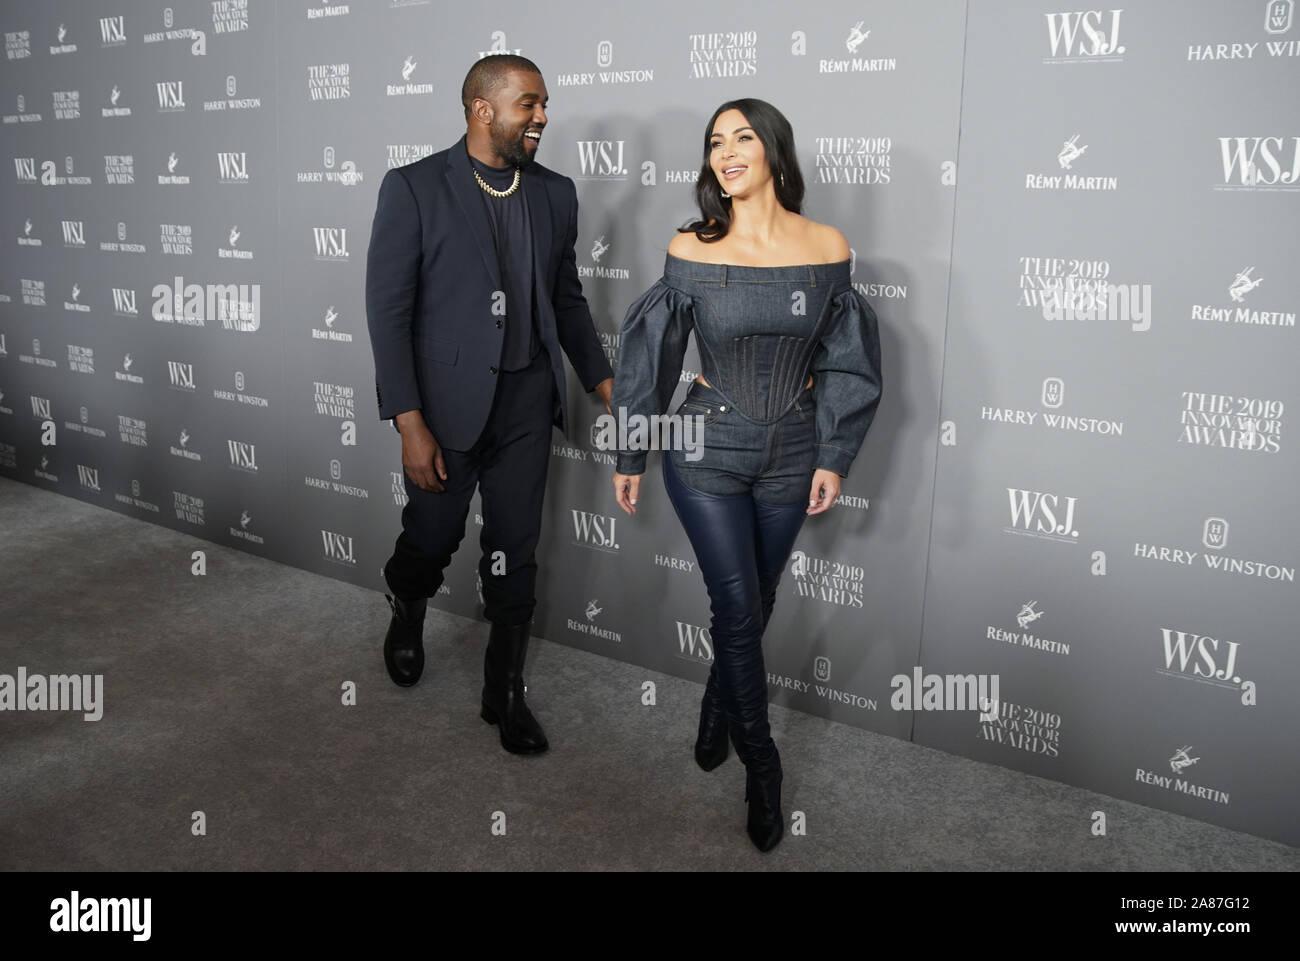 New York, Stati Uniti. 6 Nov, 2019. Kanye West e Kim Kardashian arrivano sul tappeto rosso al WSJ Mag 2019 Innovator Award presso il Museo di Arte Moderna di Mercoledì, Novembre 06, 2019 a New York City. Foto di Giovanni Angelillo/UPI Credito: UPI/Alamy Live News Foto Stock